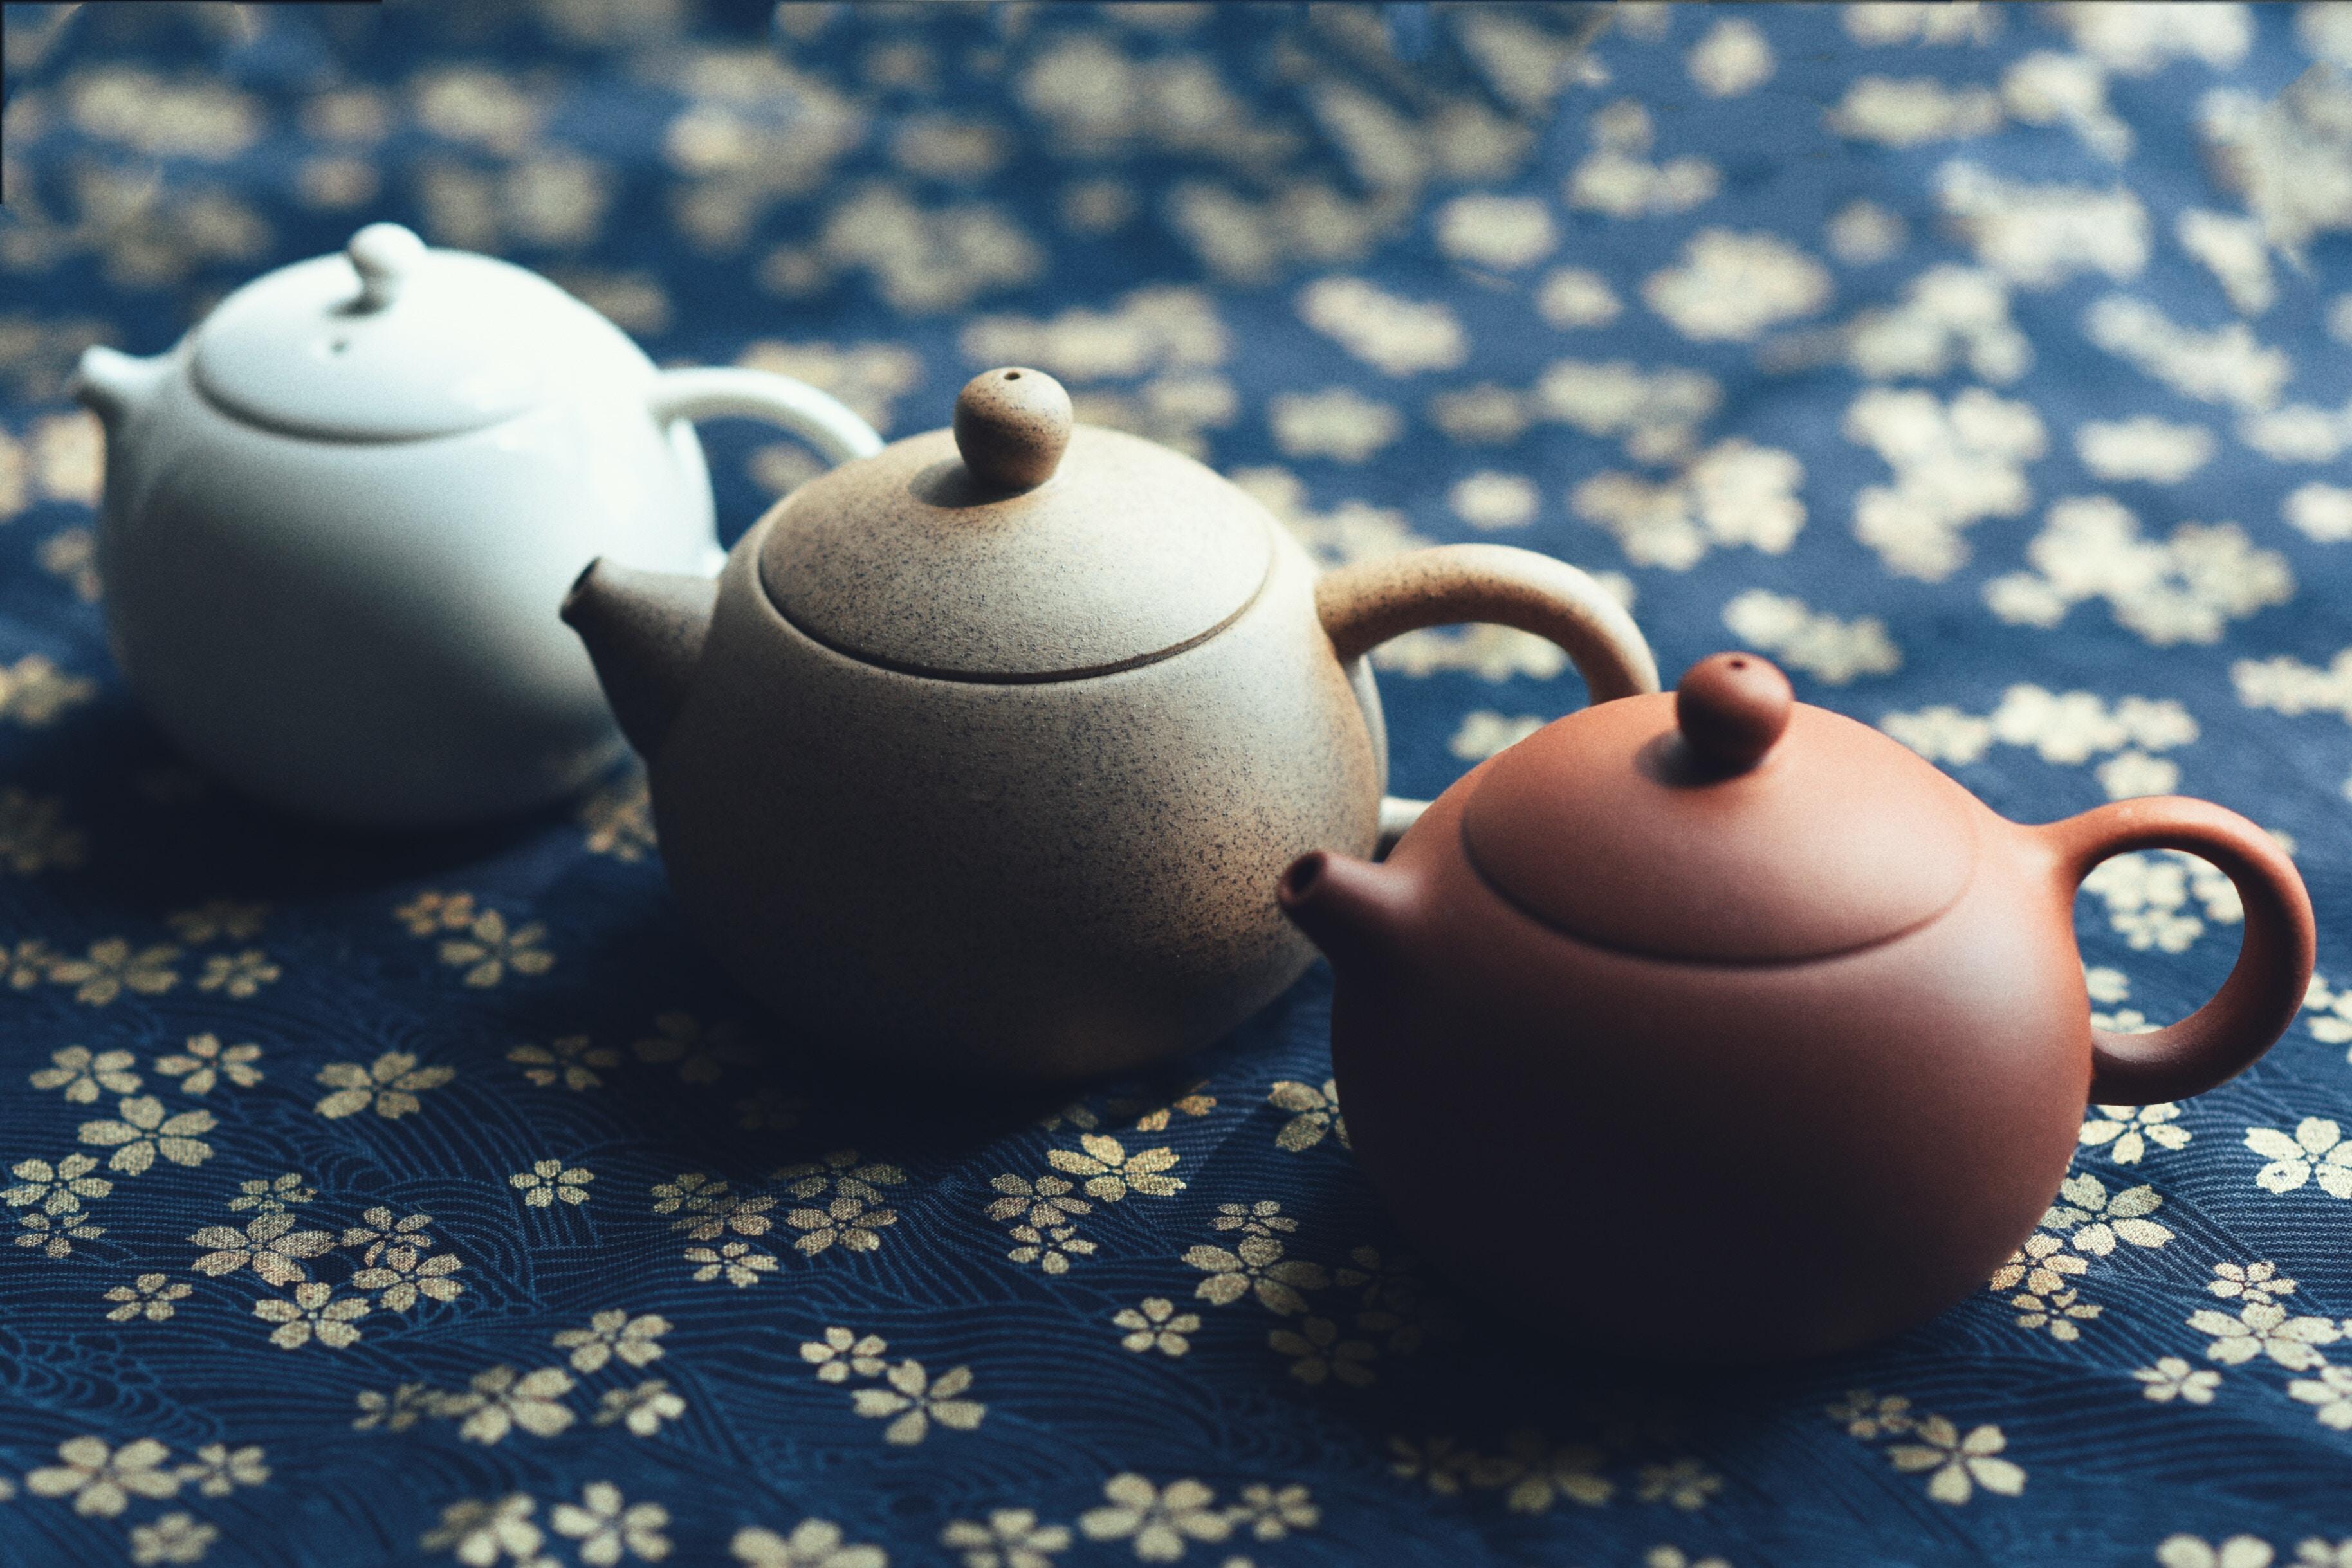 Discovering Eastern Tea Methods